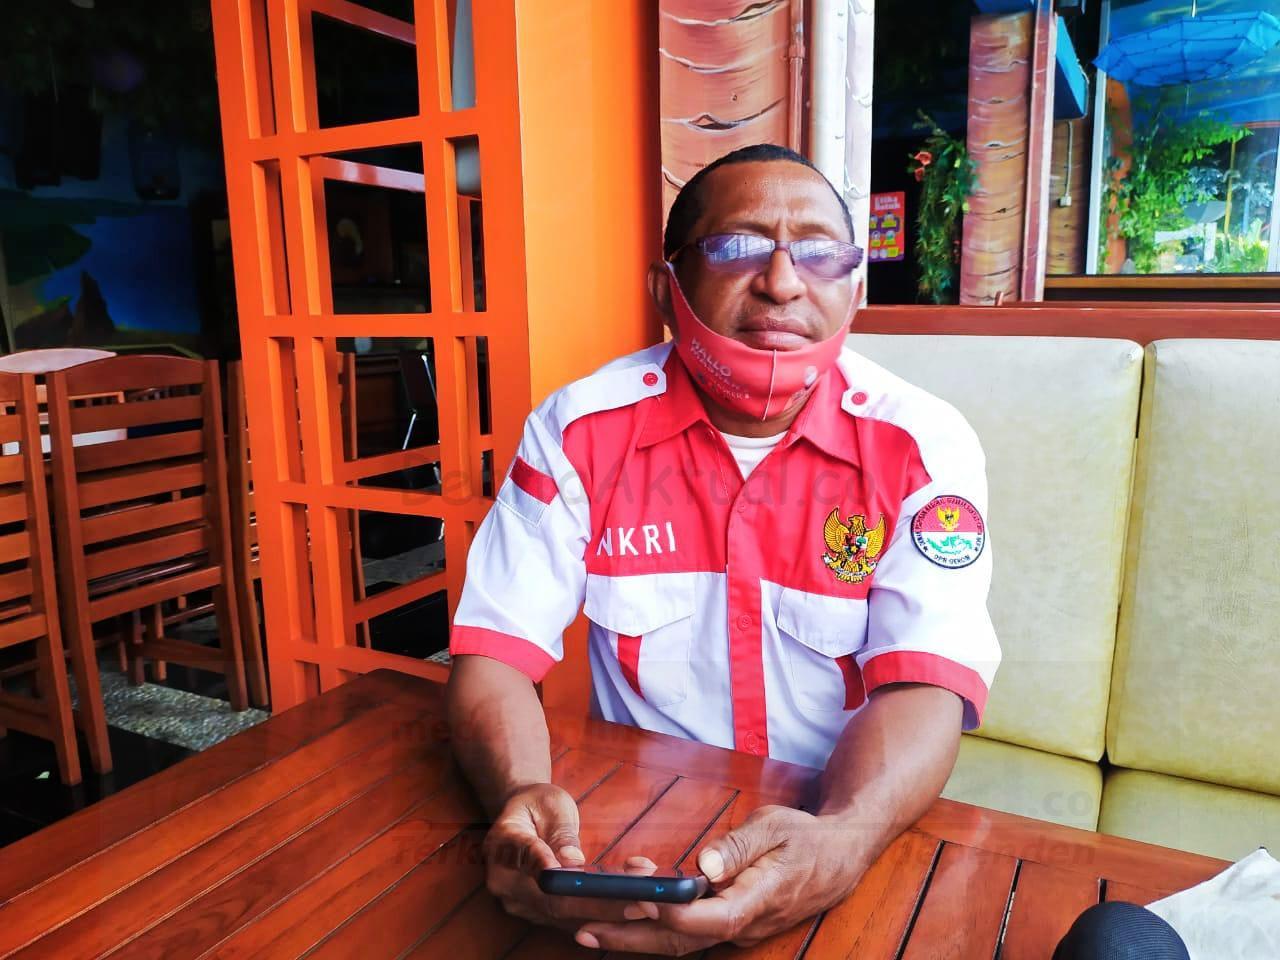 Sesalkan Aksi HUT West Papua, Ketua Gercin PB: Generasi Muda Jangan Terjebak Isu Papua Merdeka 18 IMG 20201127 WA0043